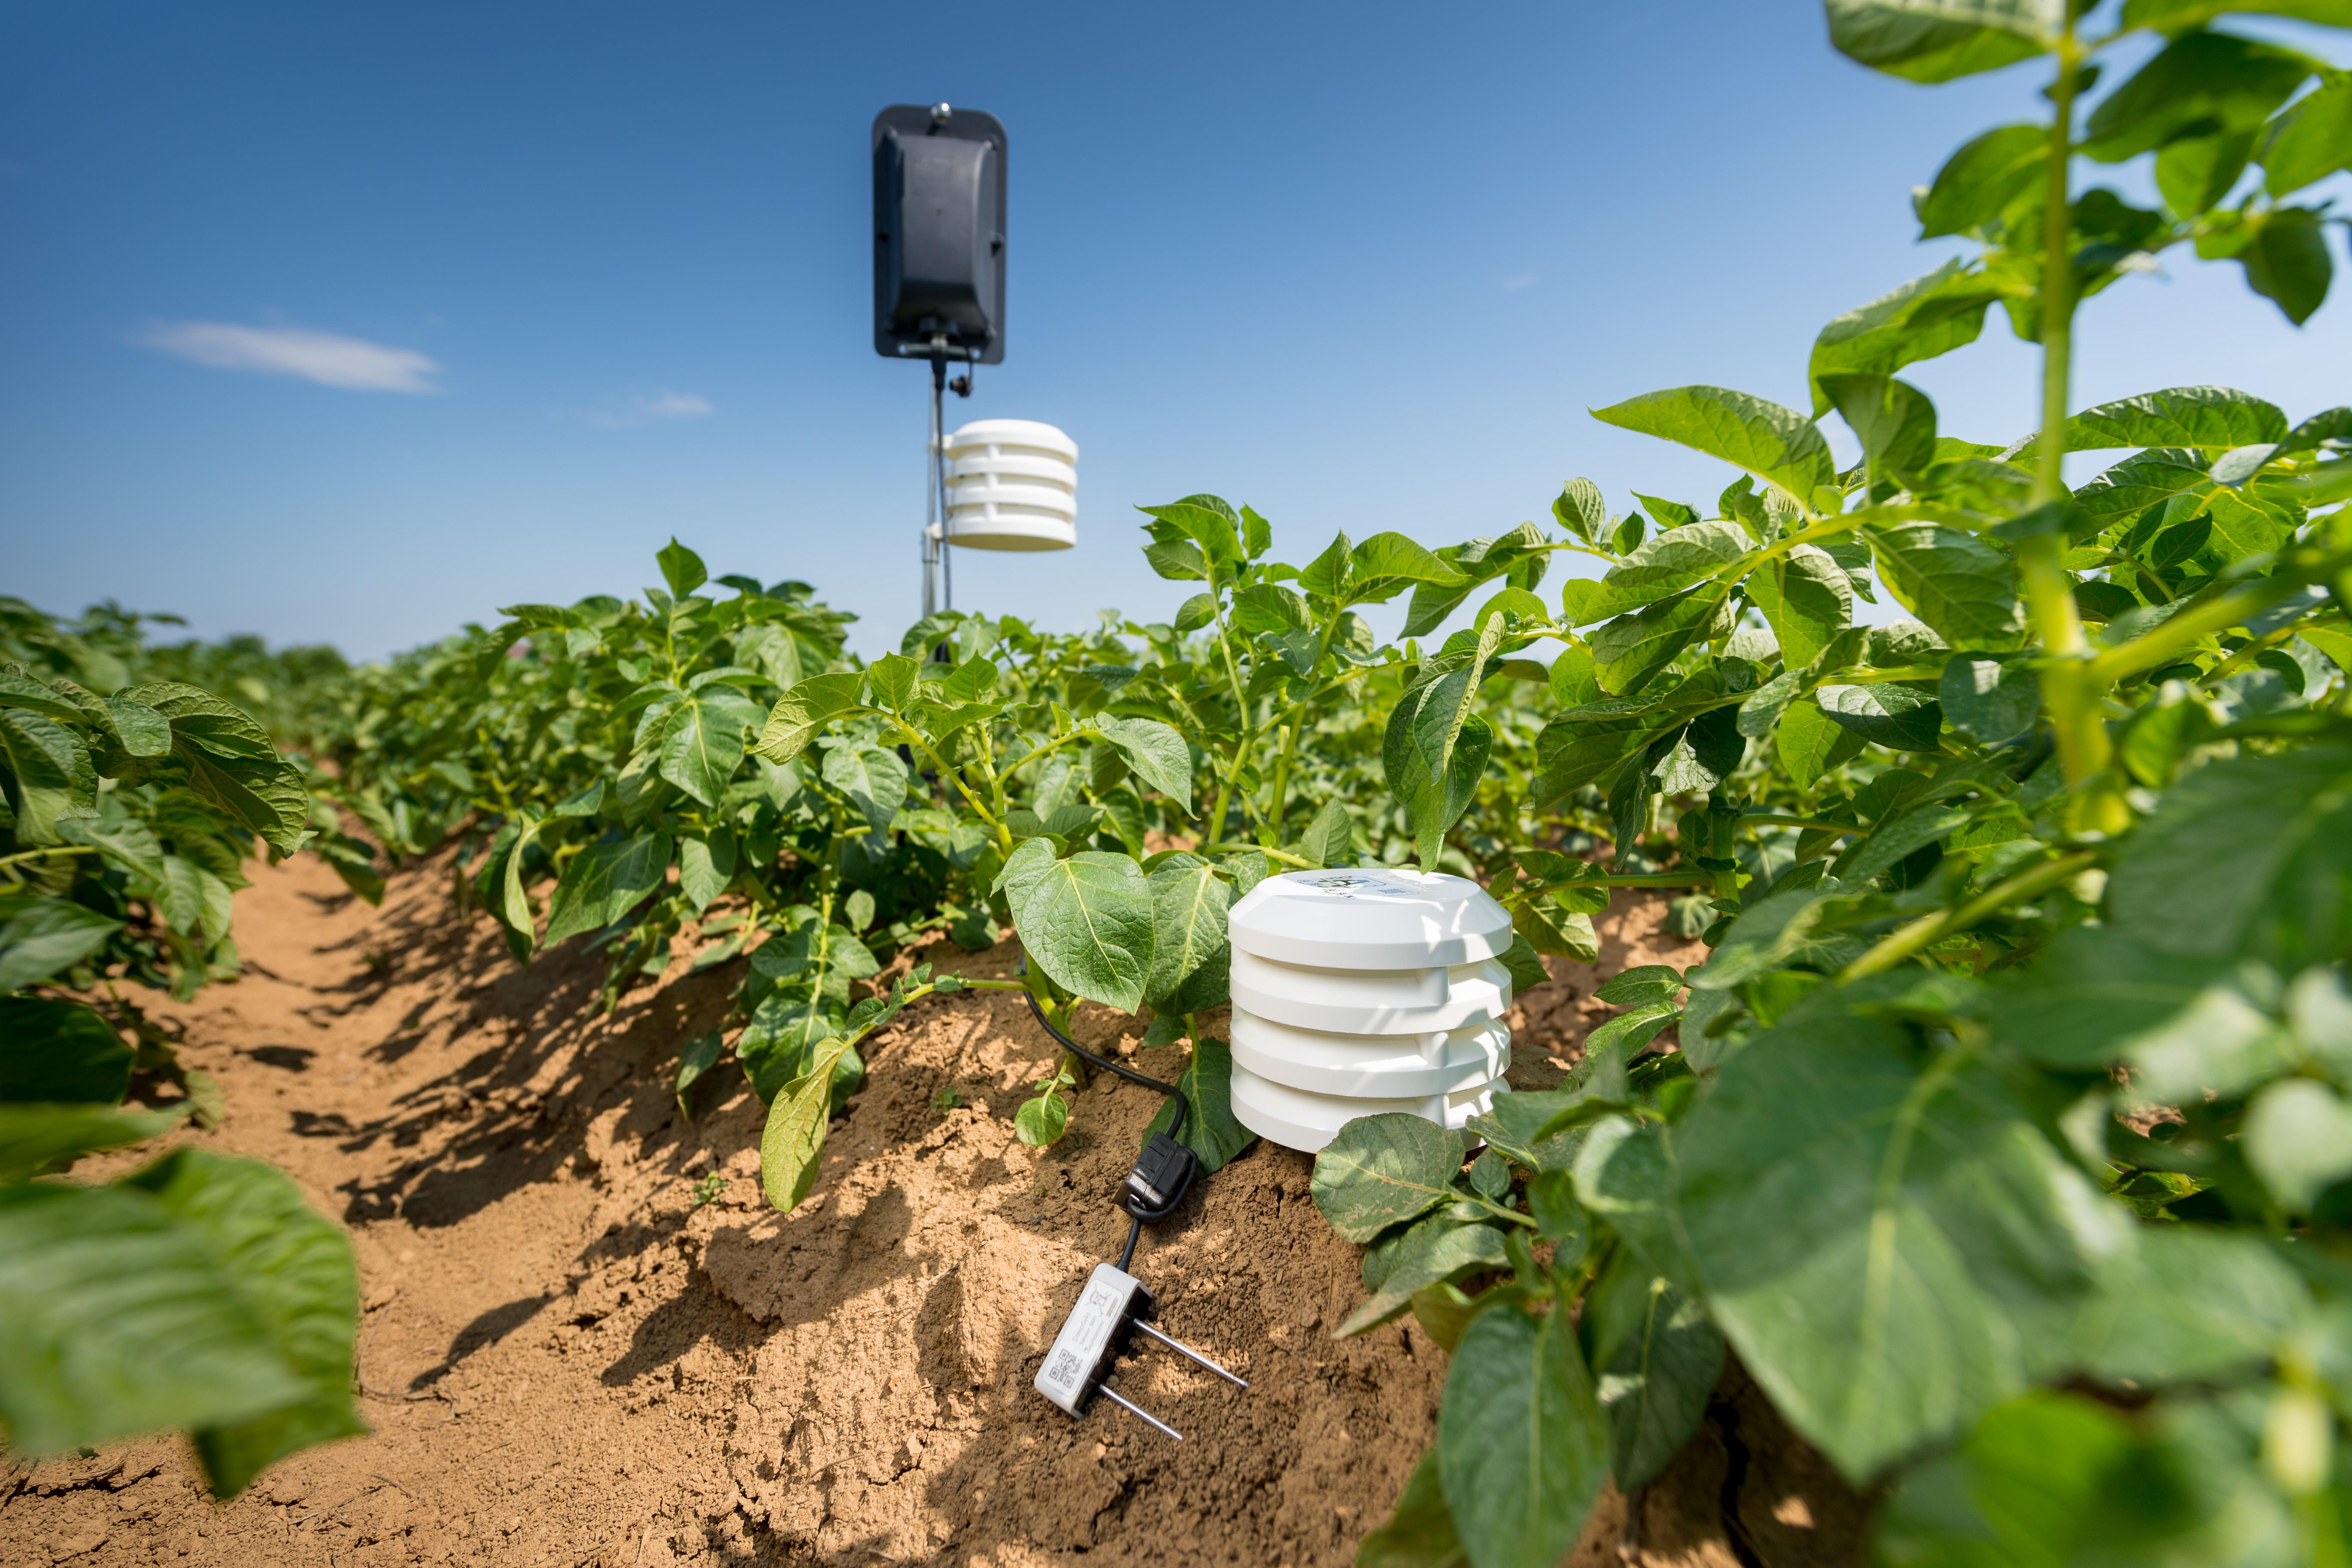 Lucrează în agricultură #LikeABosch: precizie prin intermediul conectivității